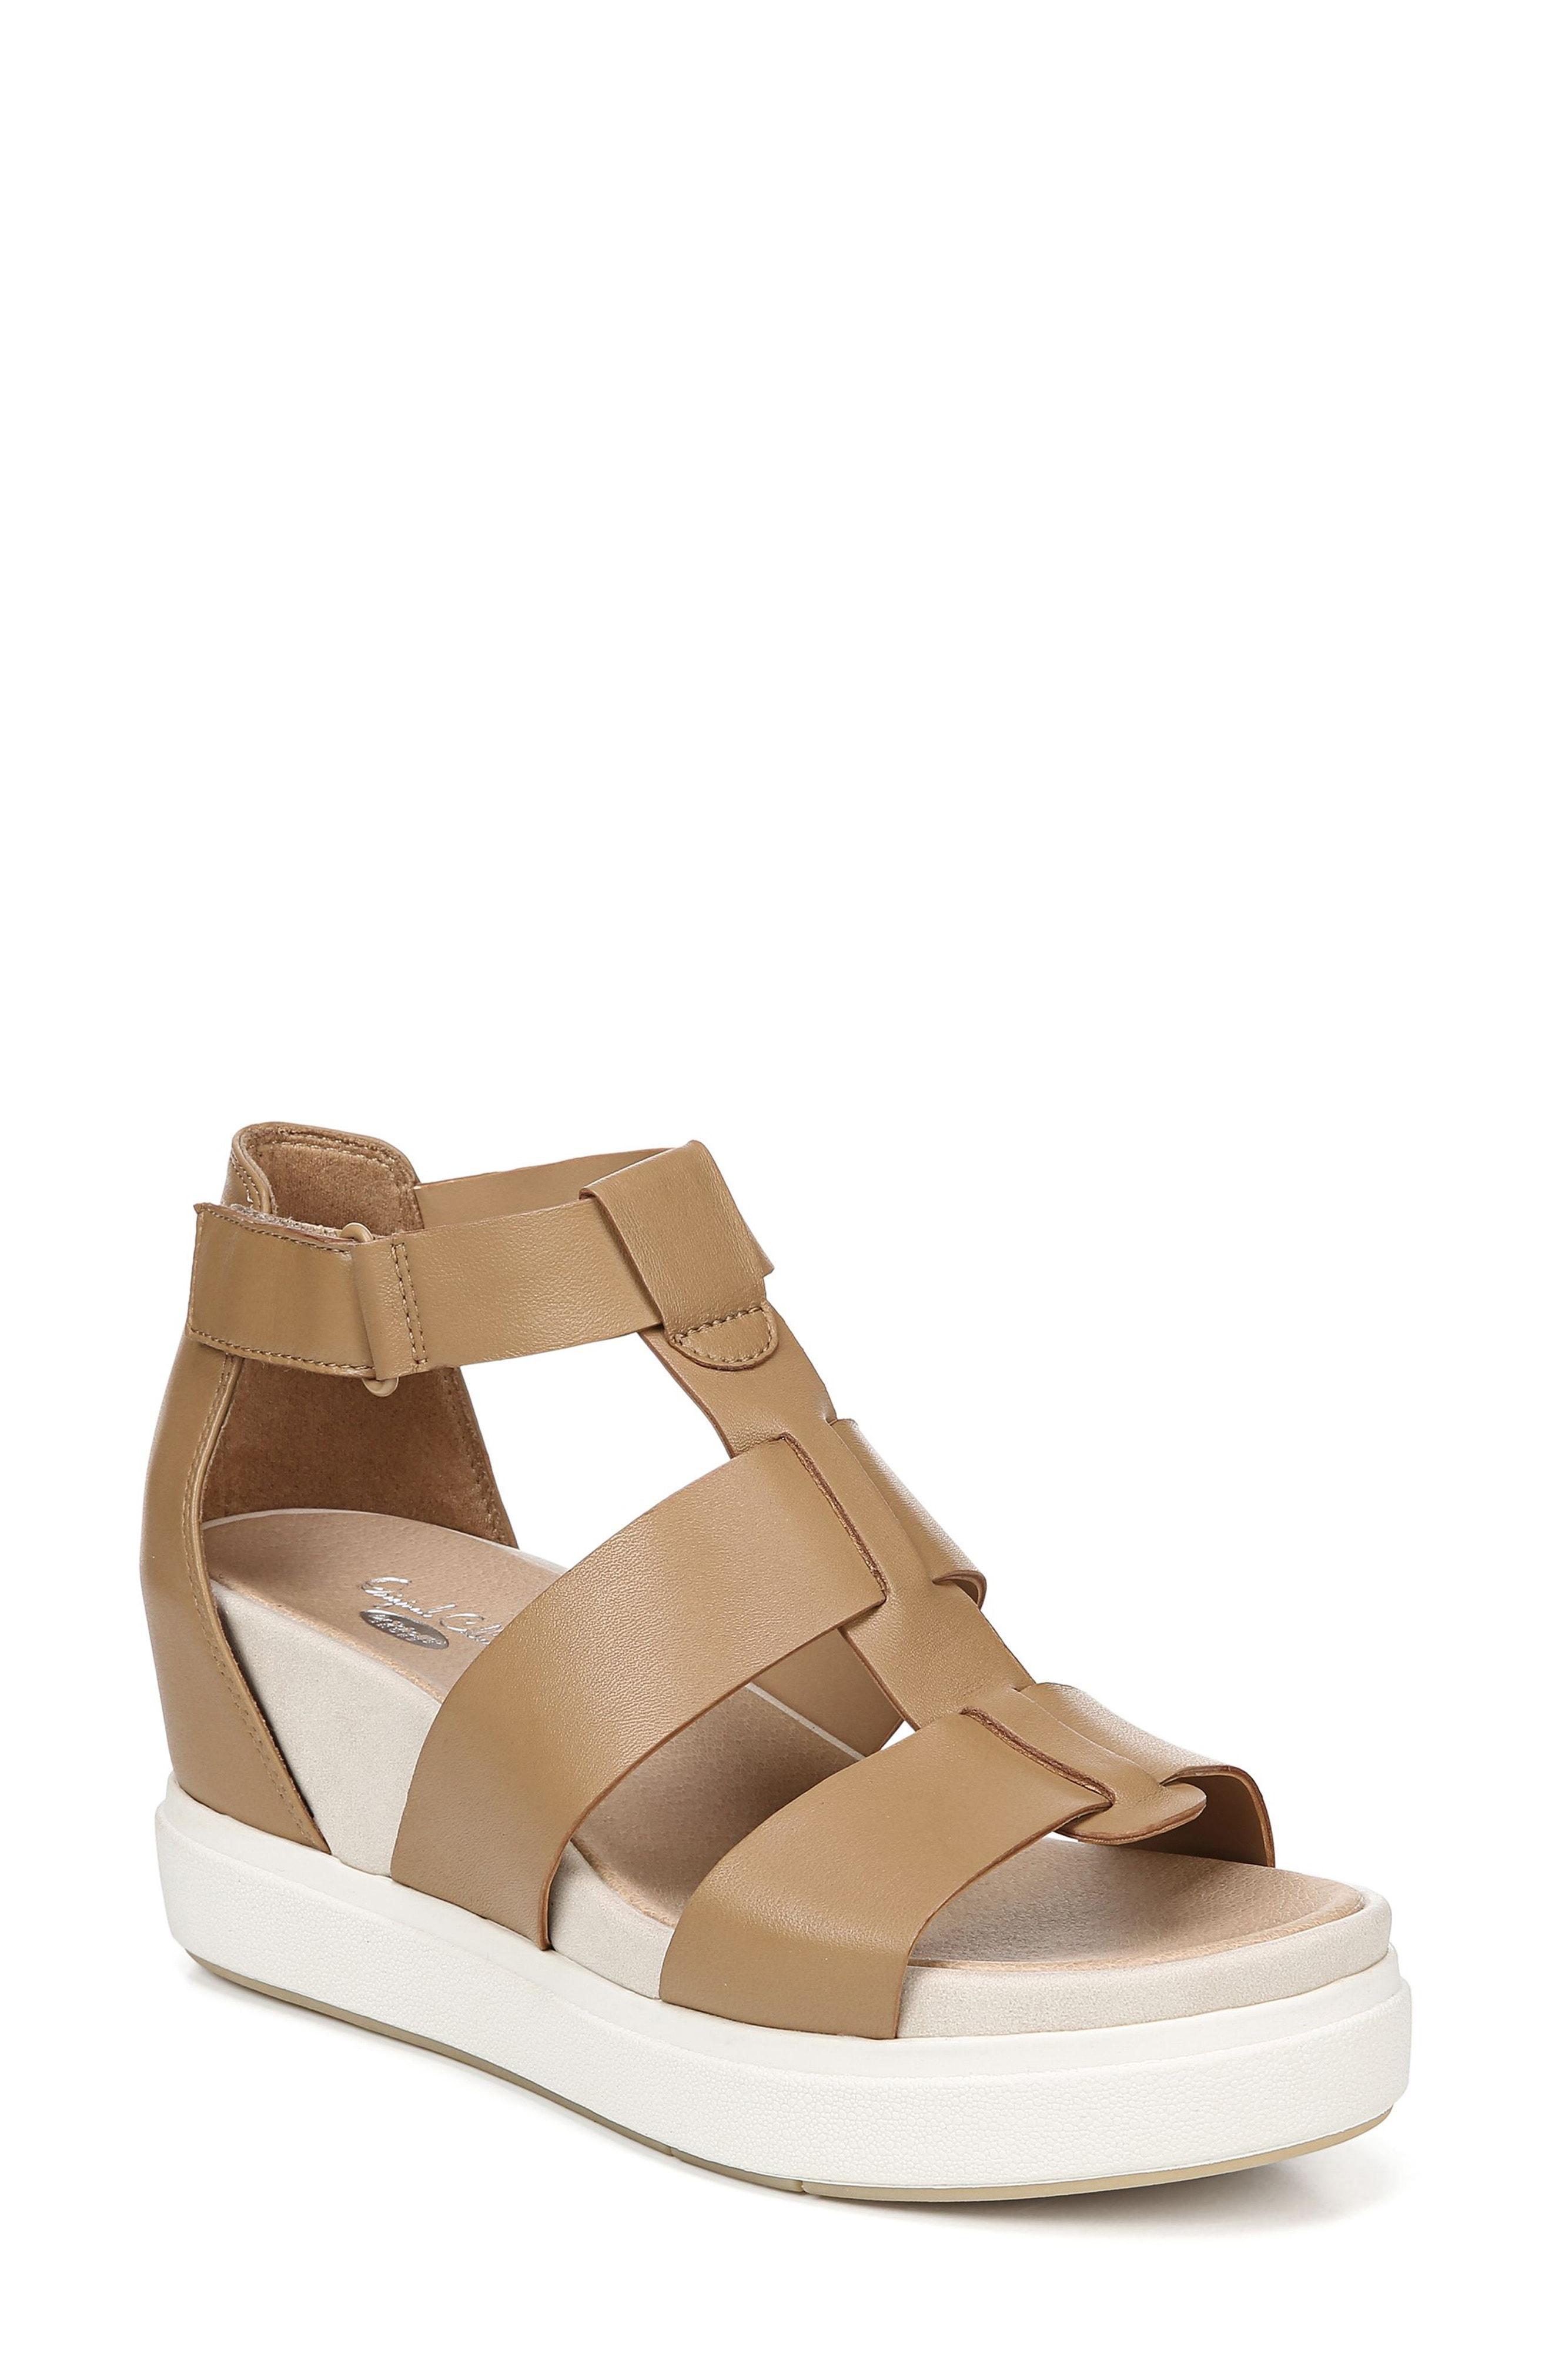 9ea27b78d Lyst - Dr. Scholls Saffron Wedge Sandal in Brown